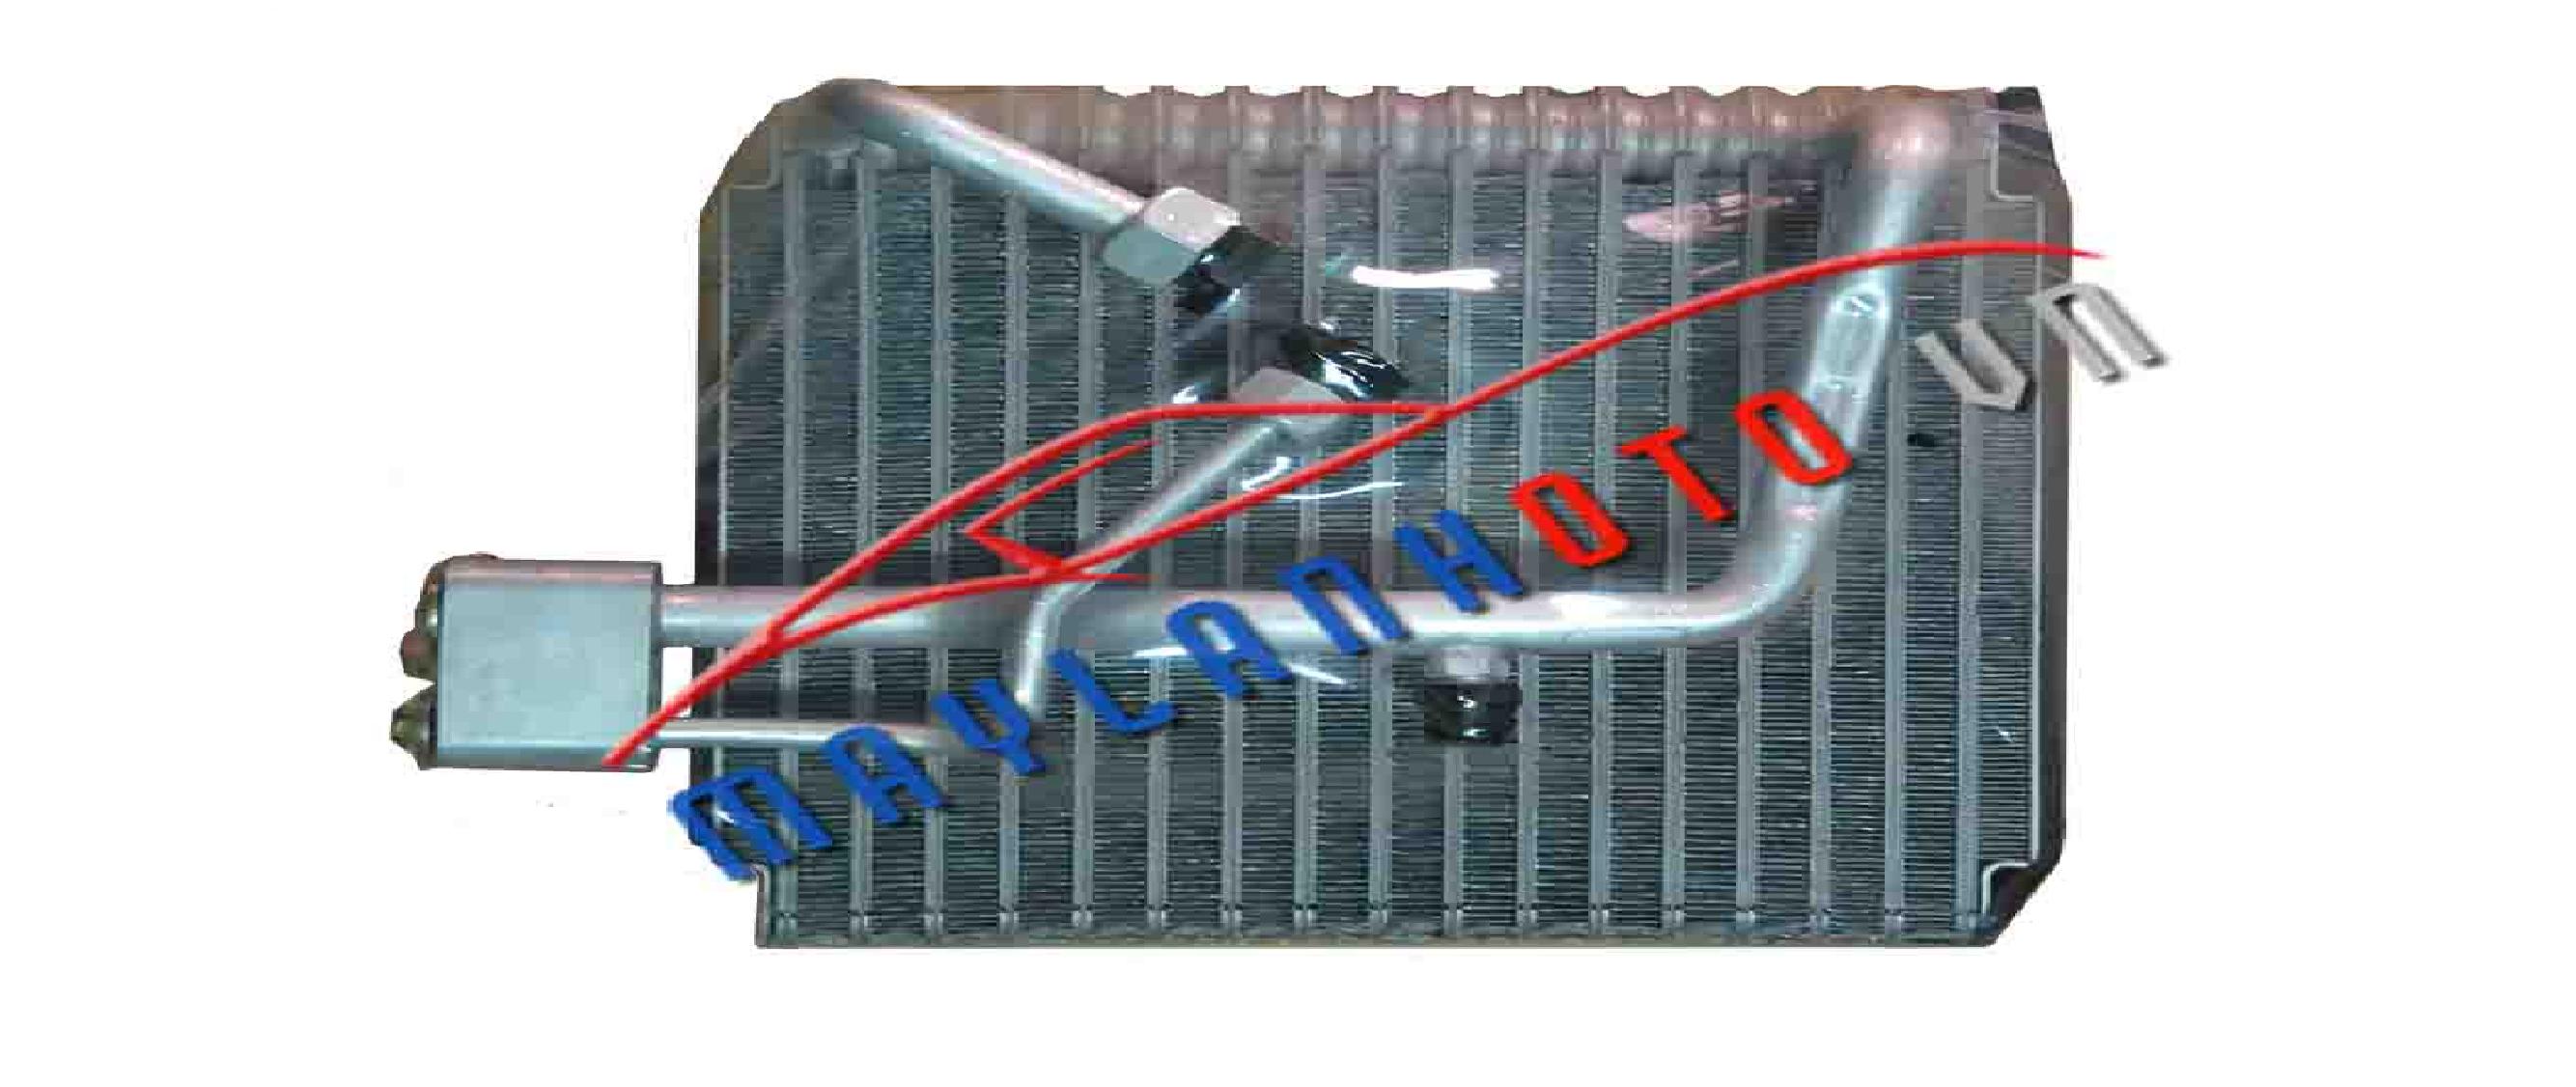 323-1997 / Dàn lạnh điều hòa Mazda 323-1997/ Giàn lạnh điều hòa Mazda 323-1997